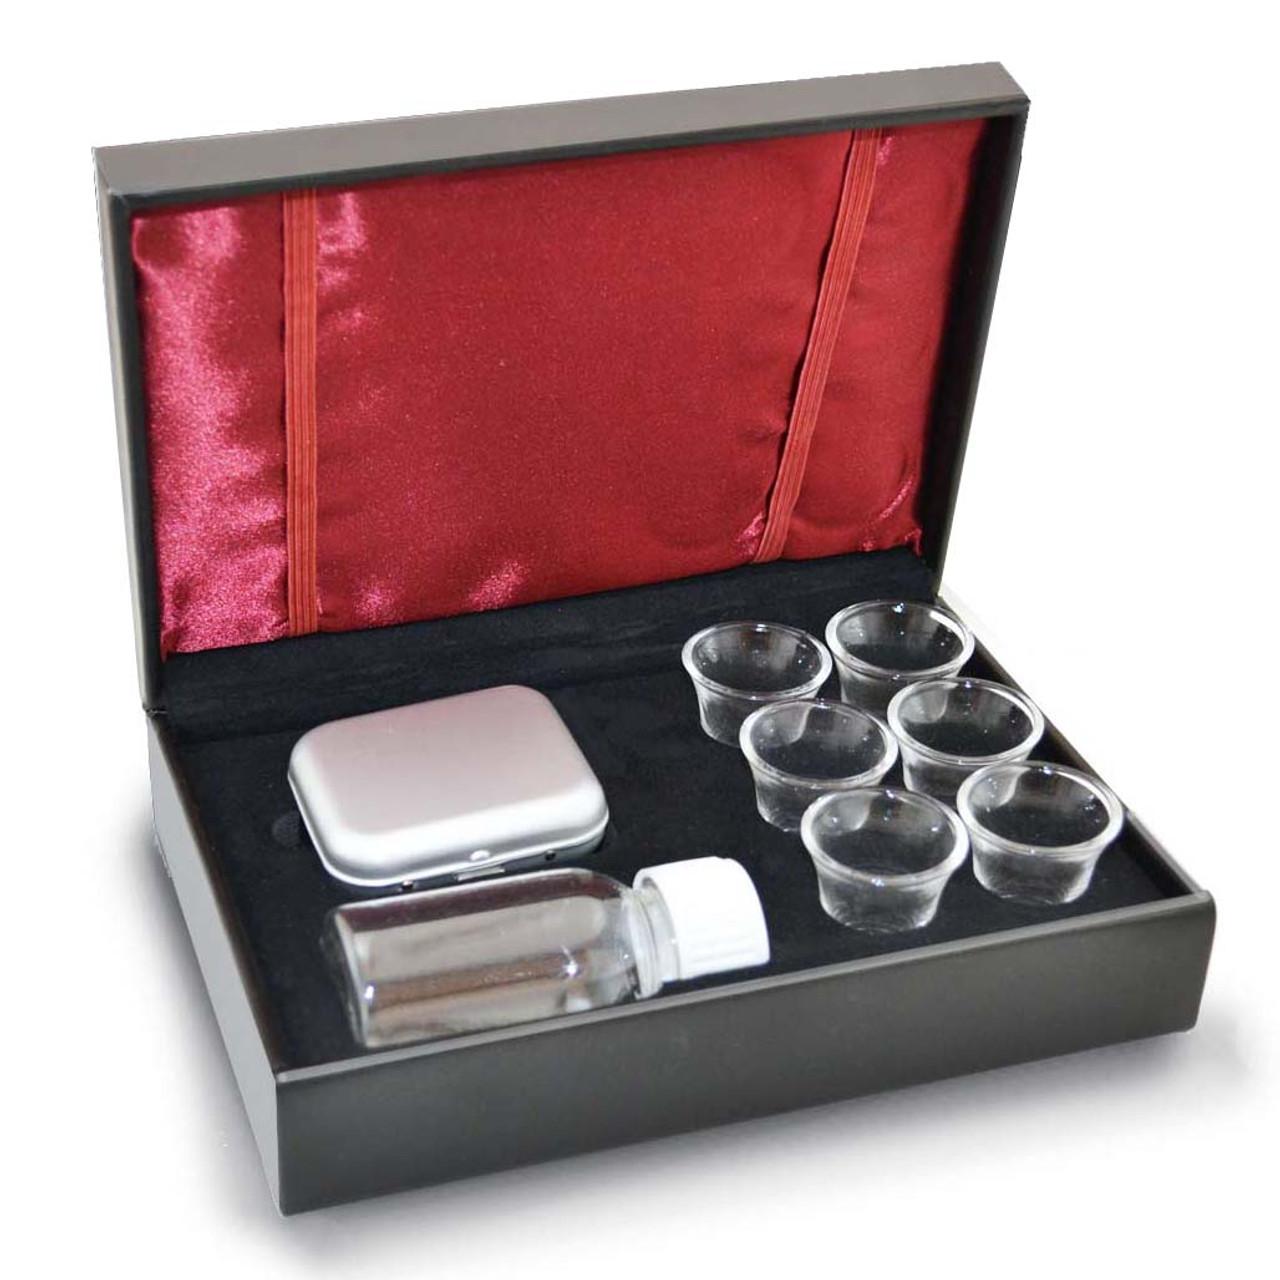 PS840 Portable Communion Set